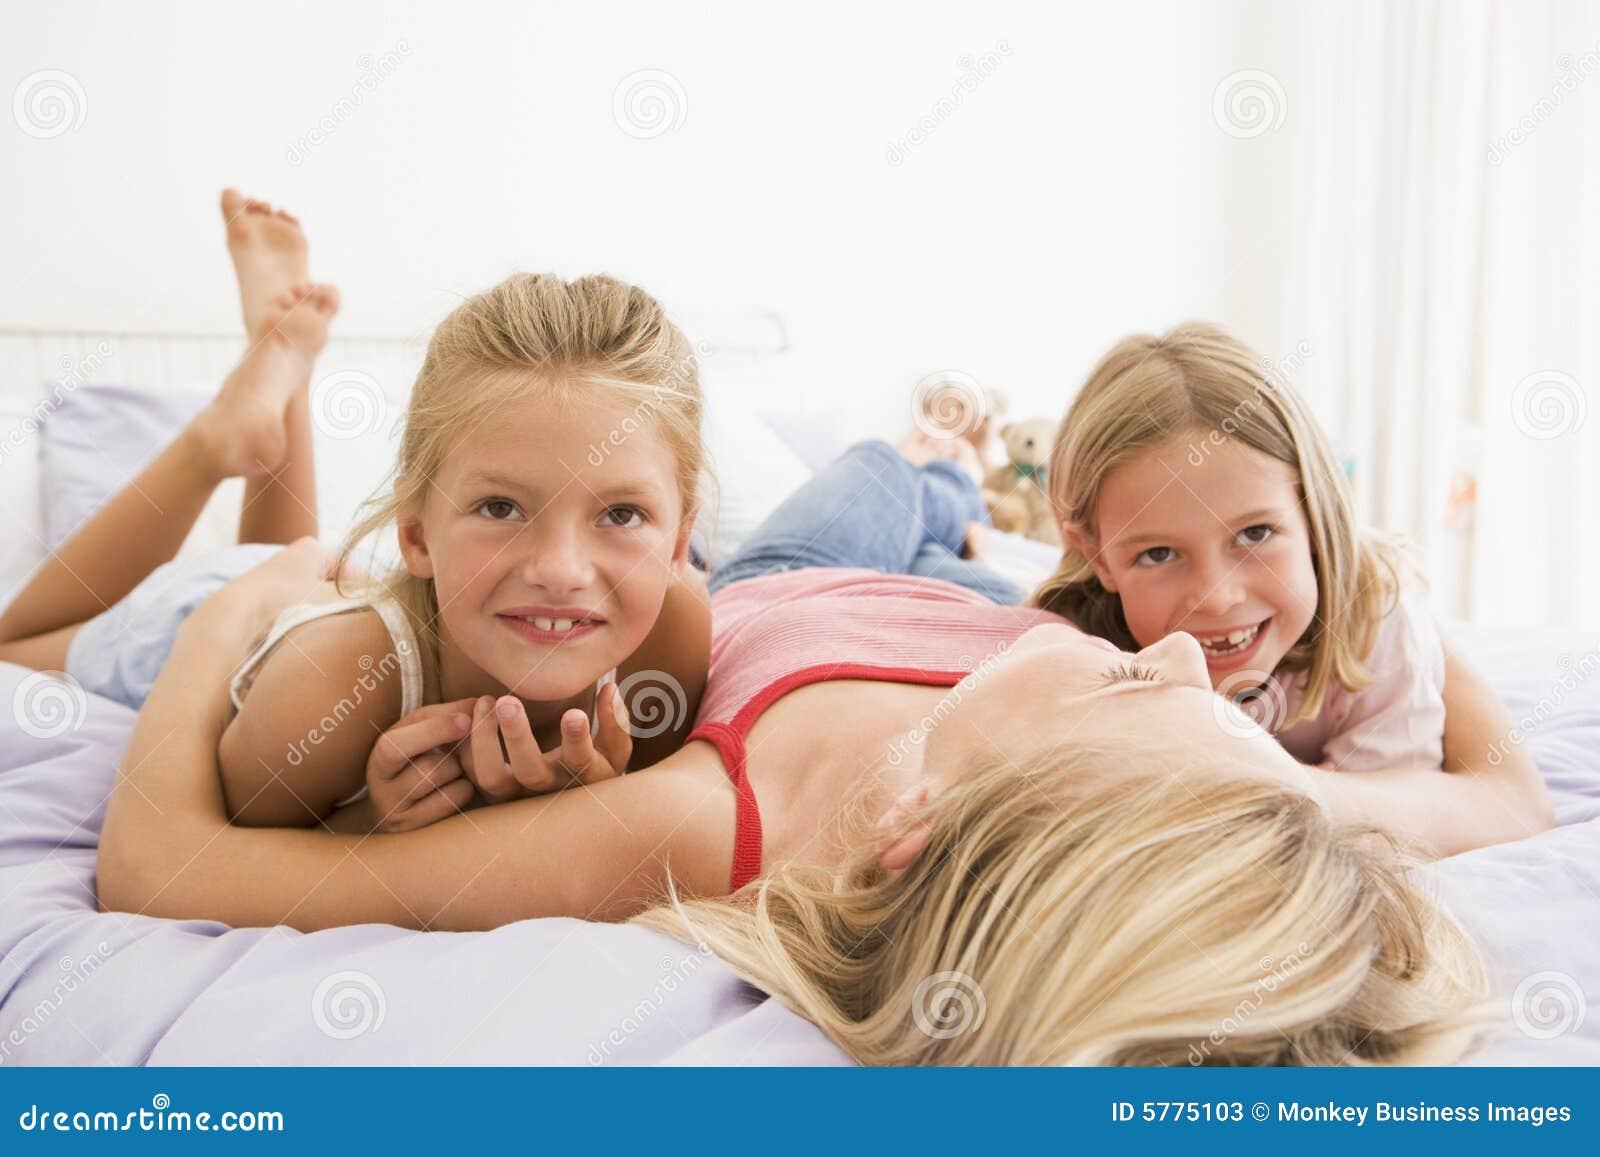 Einem bett heie madchen auf nackt junge